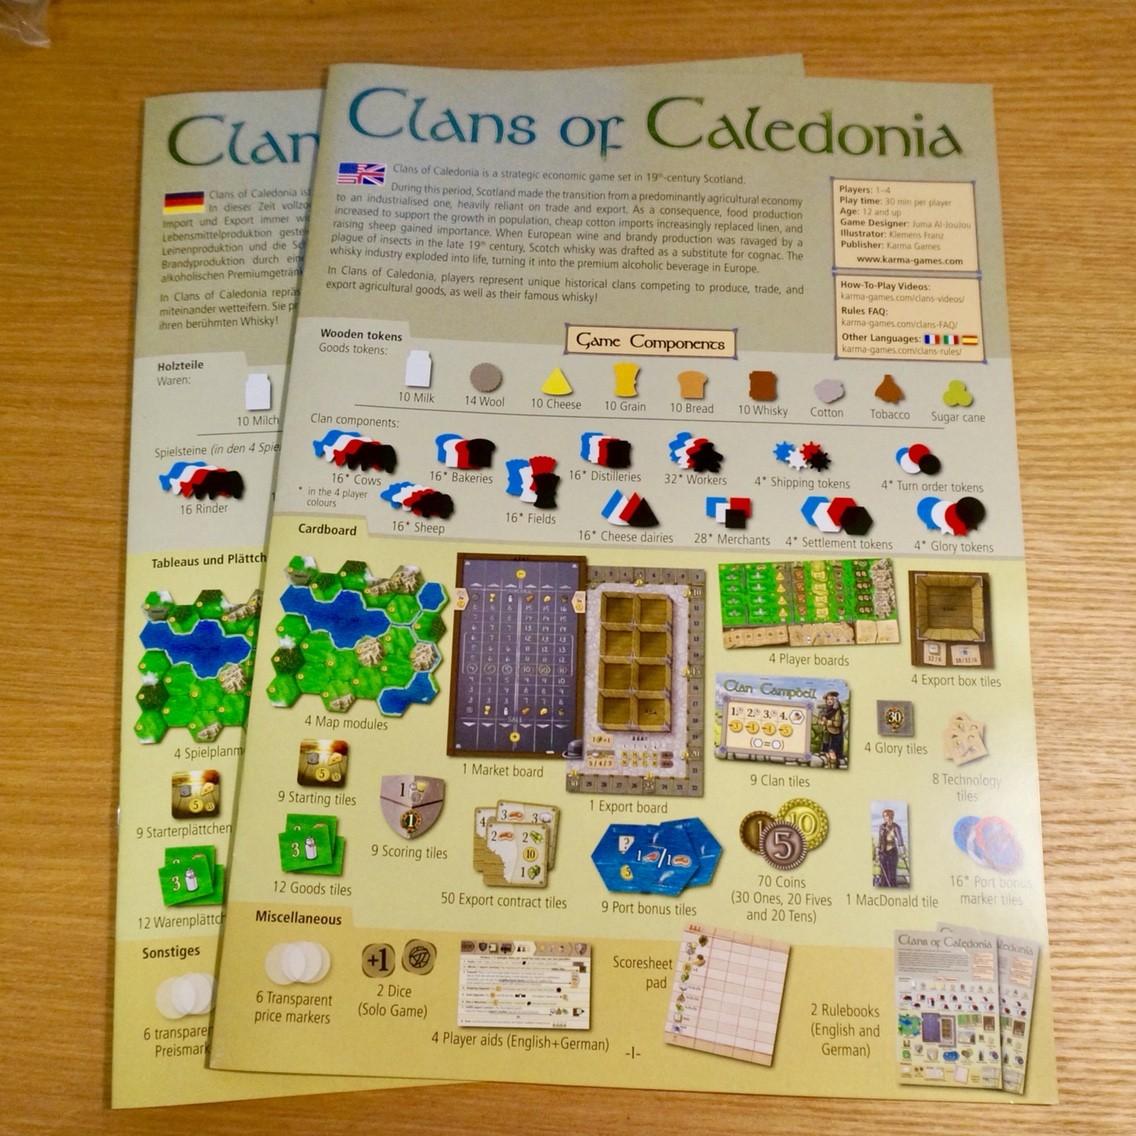 クランズ・オブ・カレドニア (Clans of Caledonia):説明書